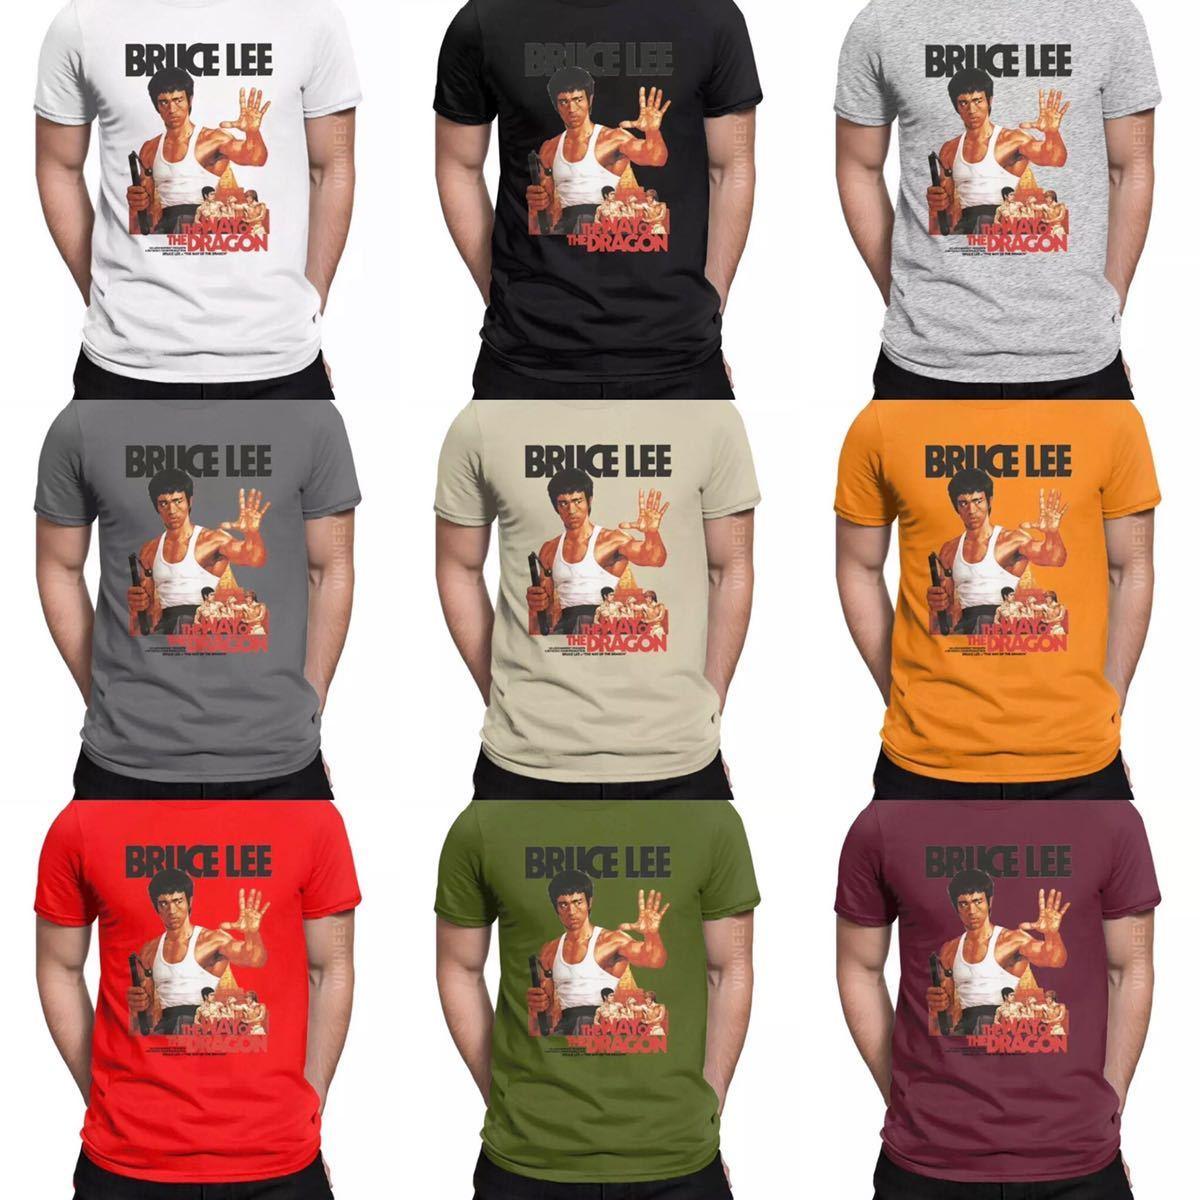 BRUCE LEE Tシャツ THE WAY OF THE DRAGON ブルースリー Tee ドラゴンへの道 李小龍_画像2